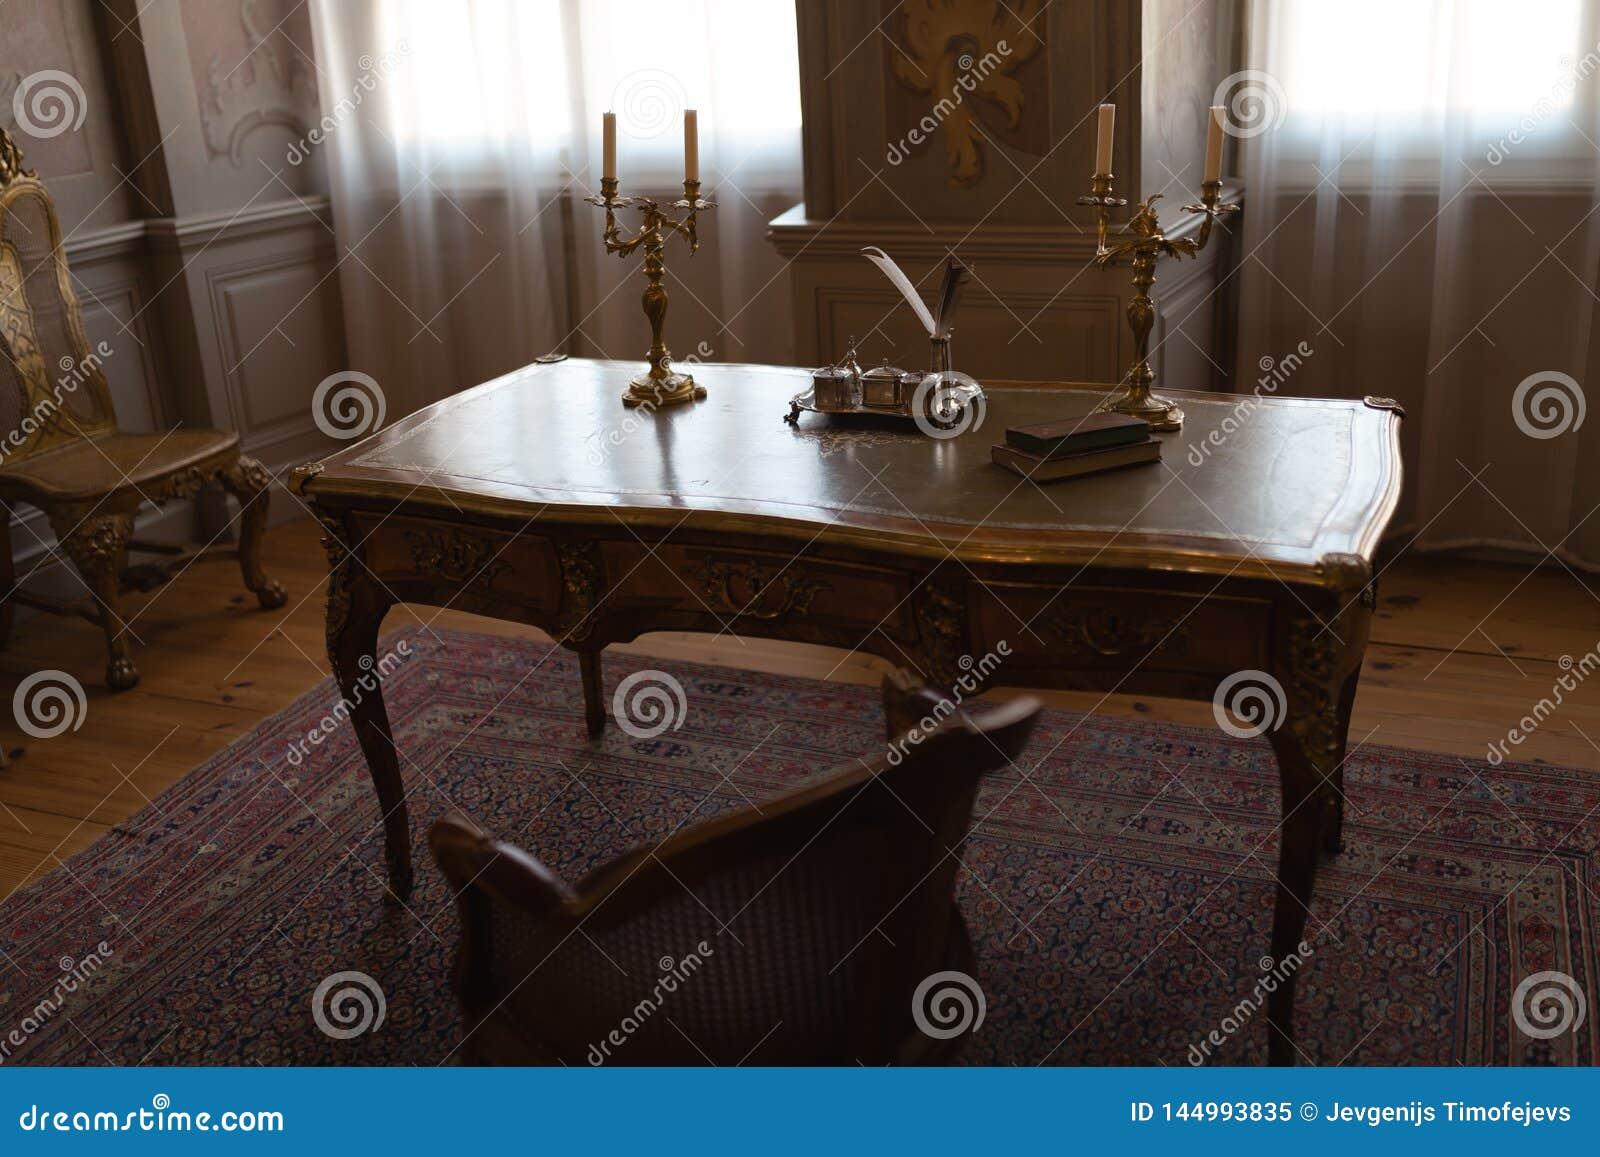 Tabela do palácio real em uma sala do armário com cadeiras e pena e tinta